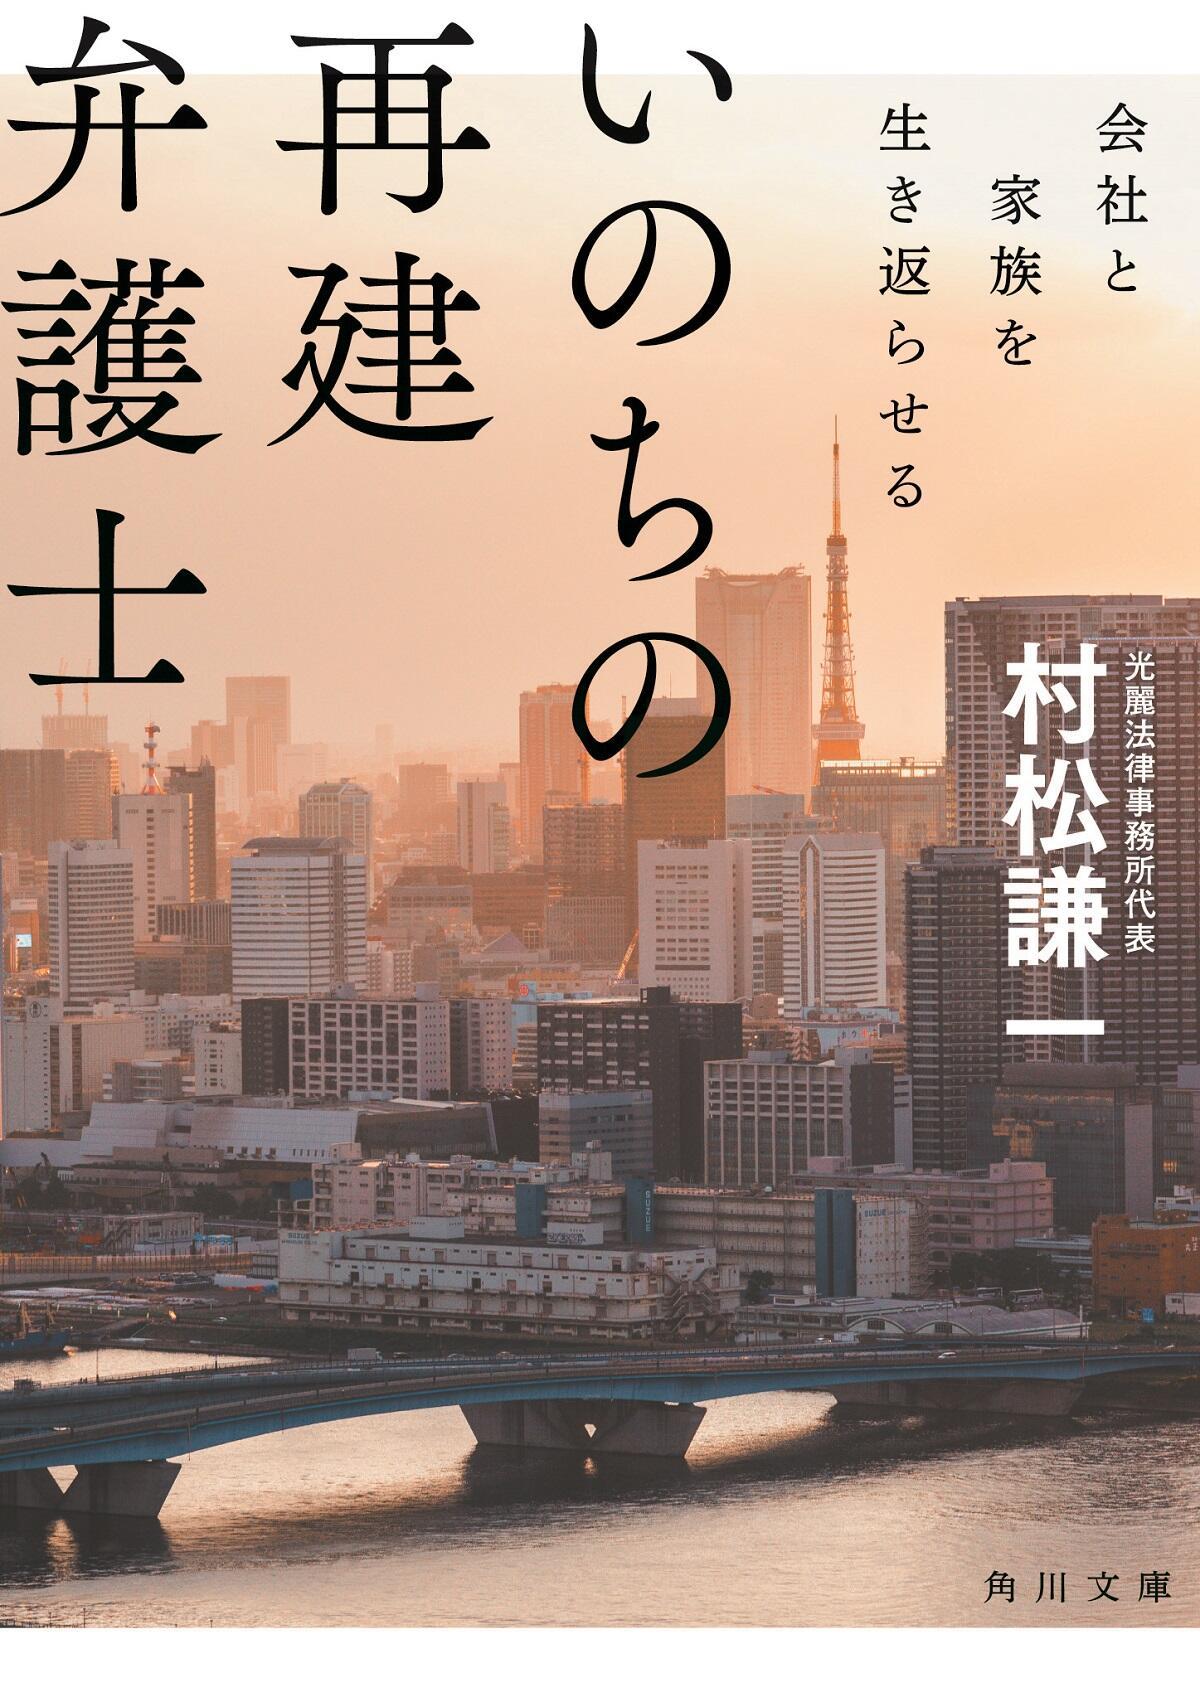 20190603_ri-garu_02.jpg